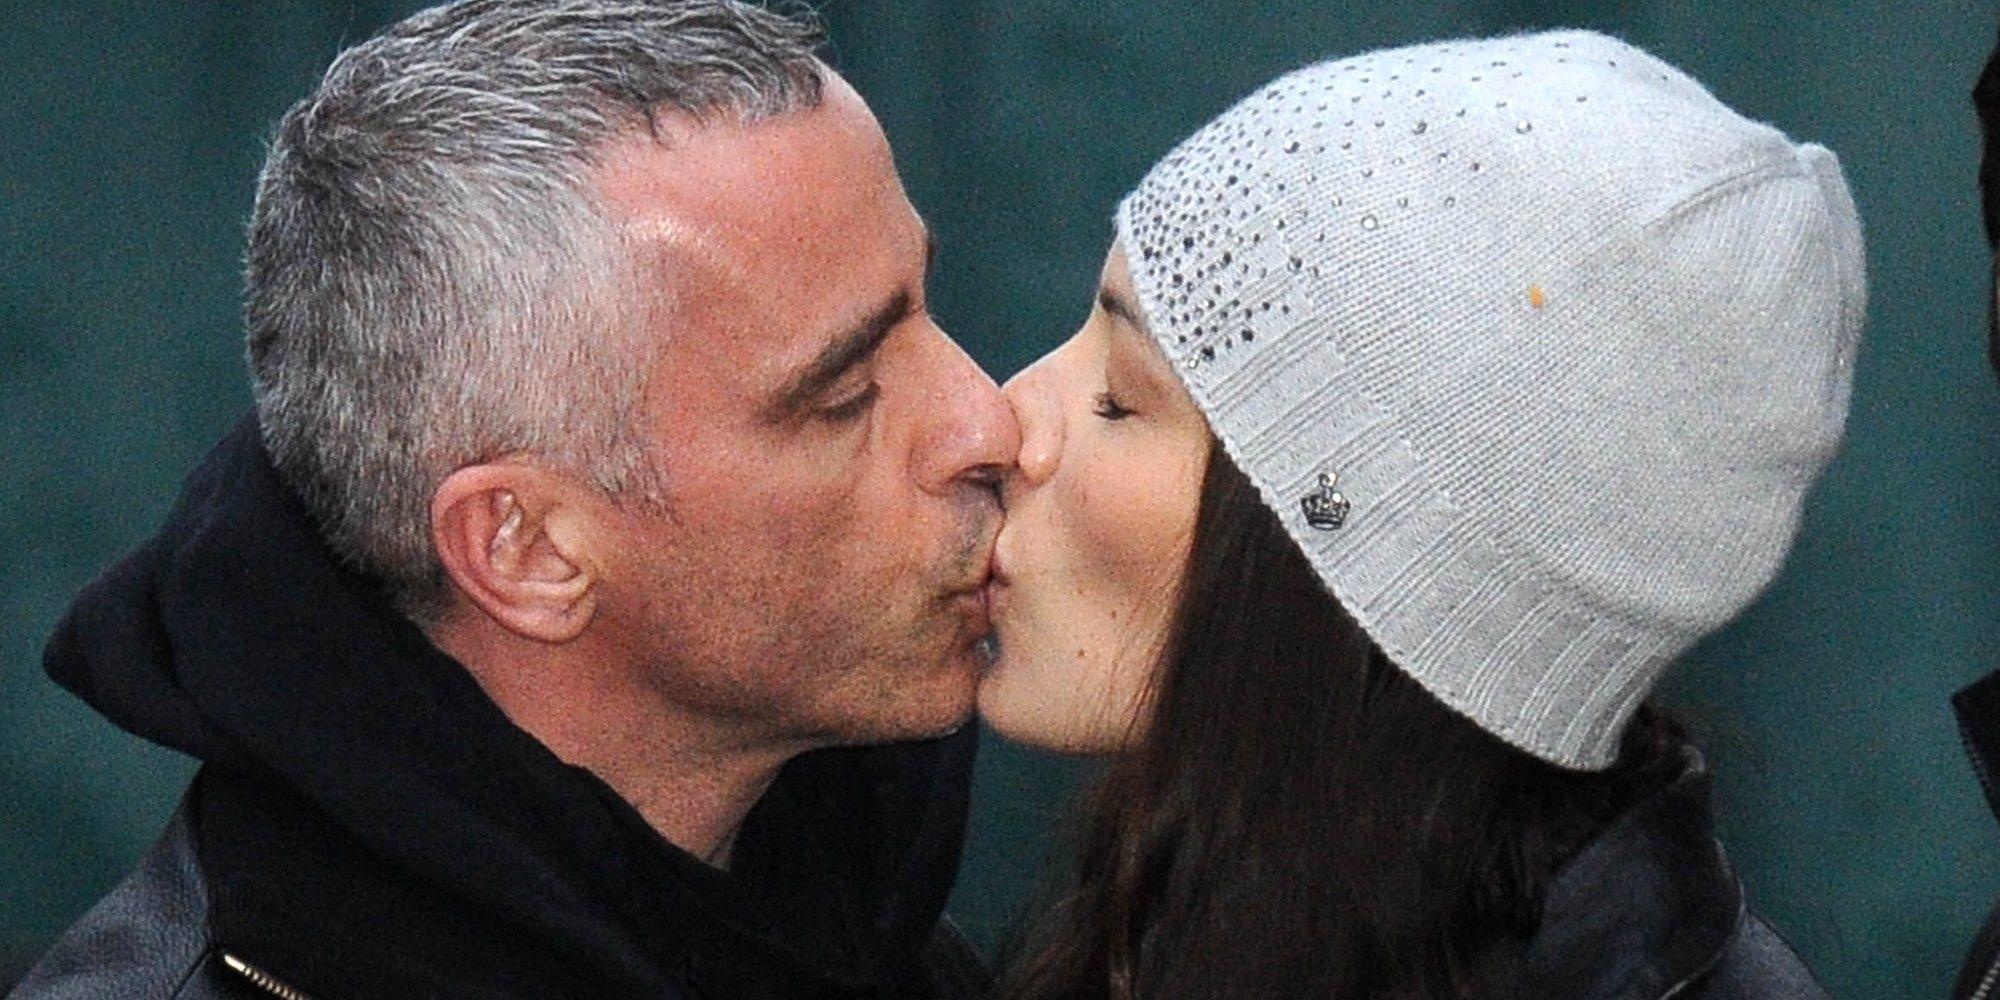 Eros Ramazzotti y Marica Pellegrinelli se divorcian tras diez años juntos y dos hijos en común